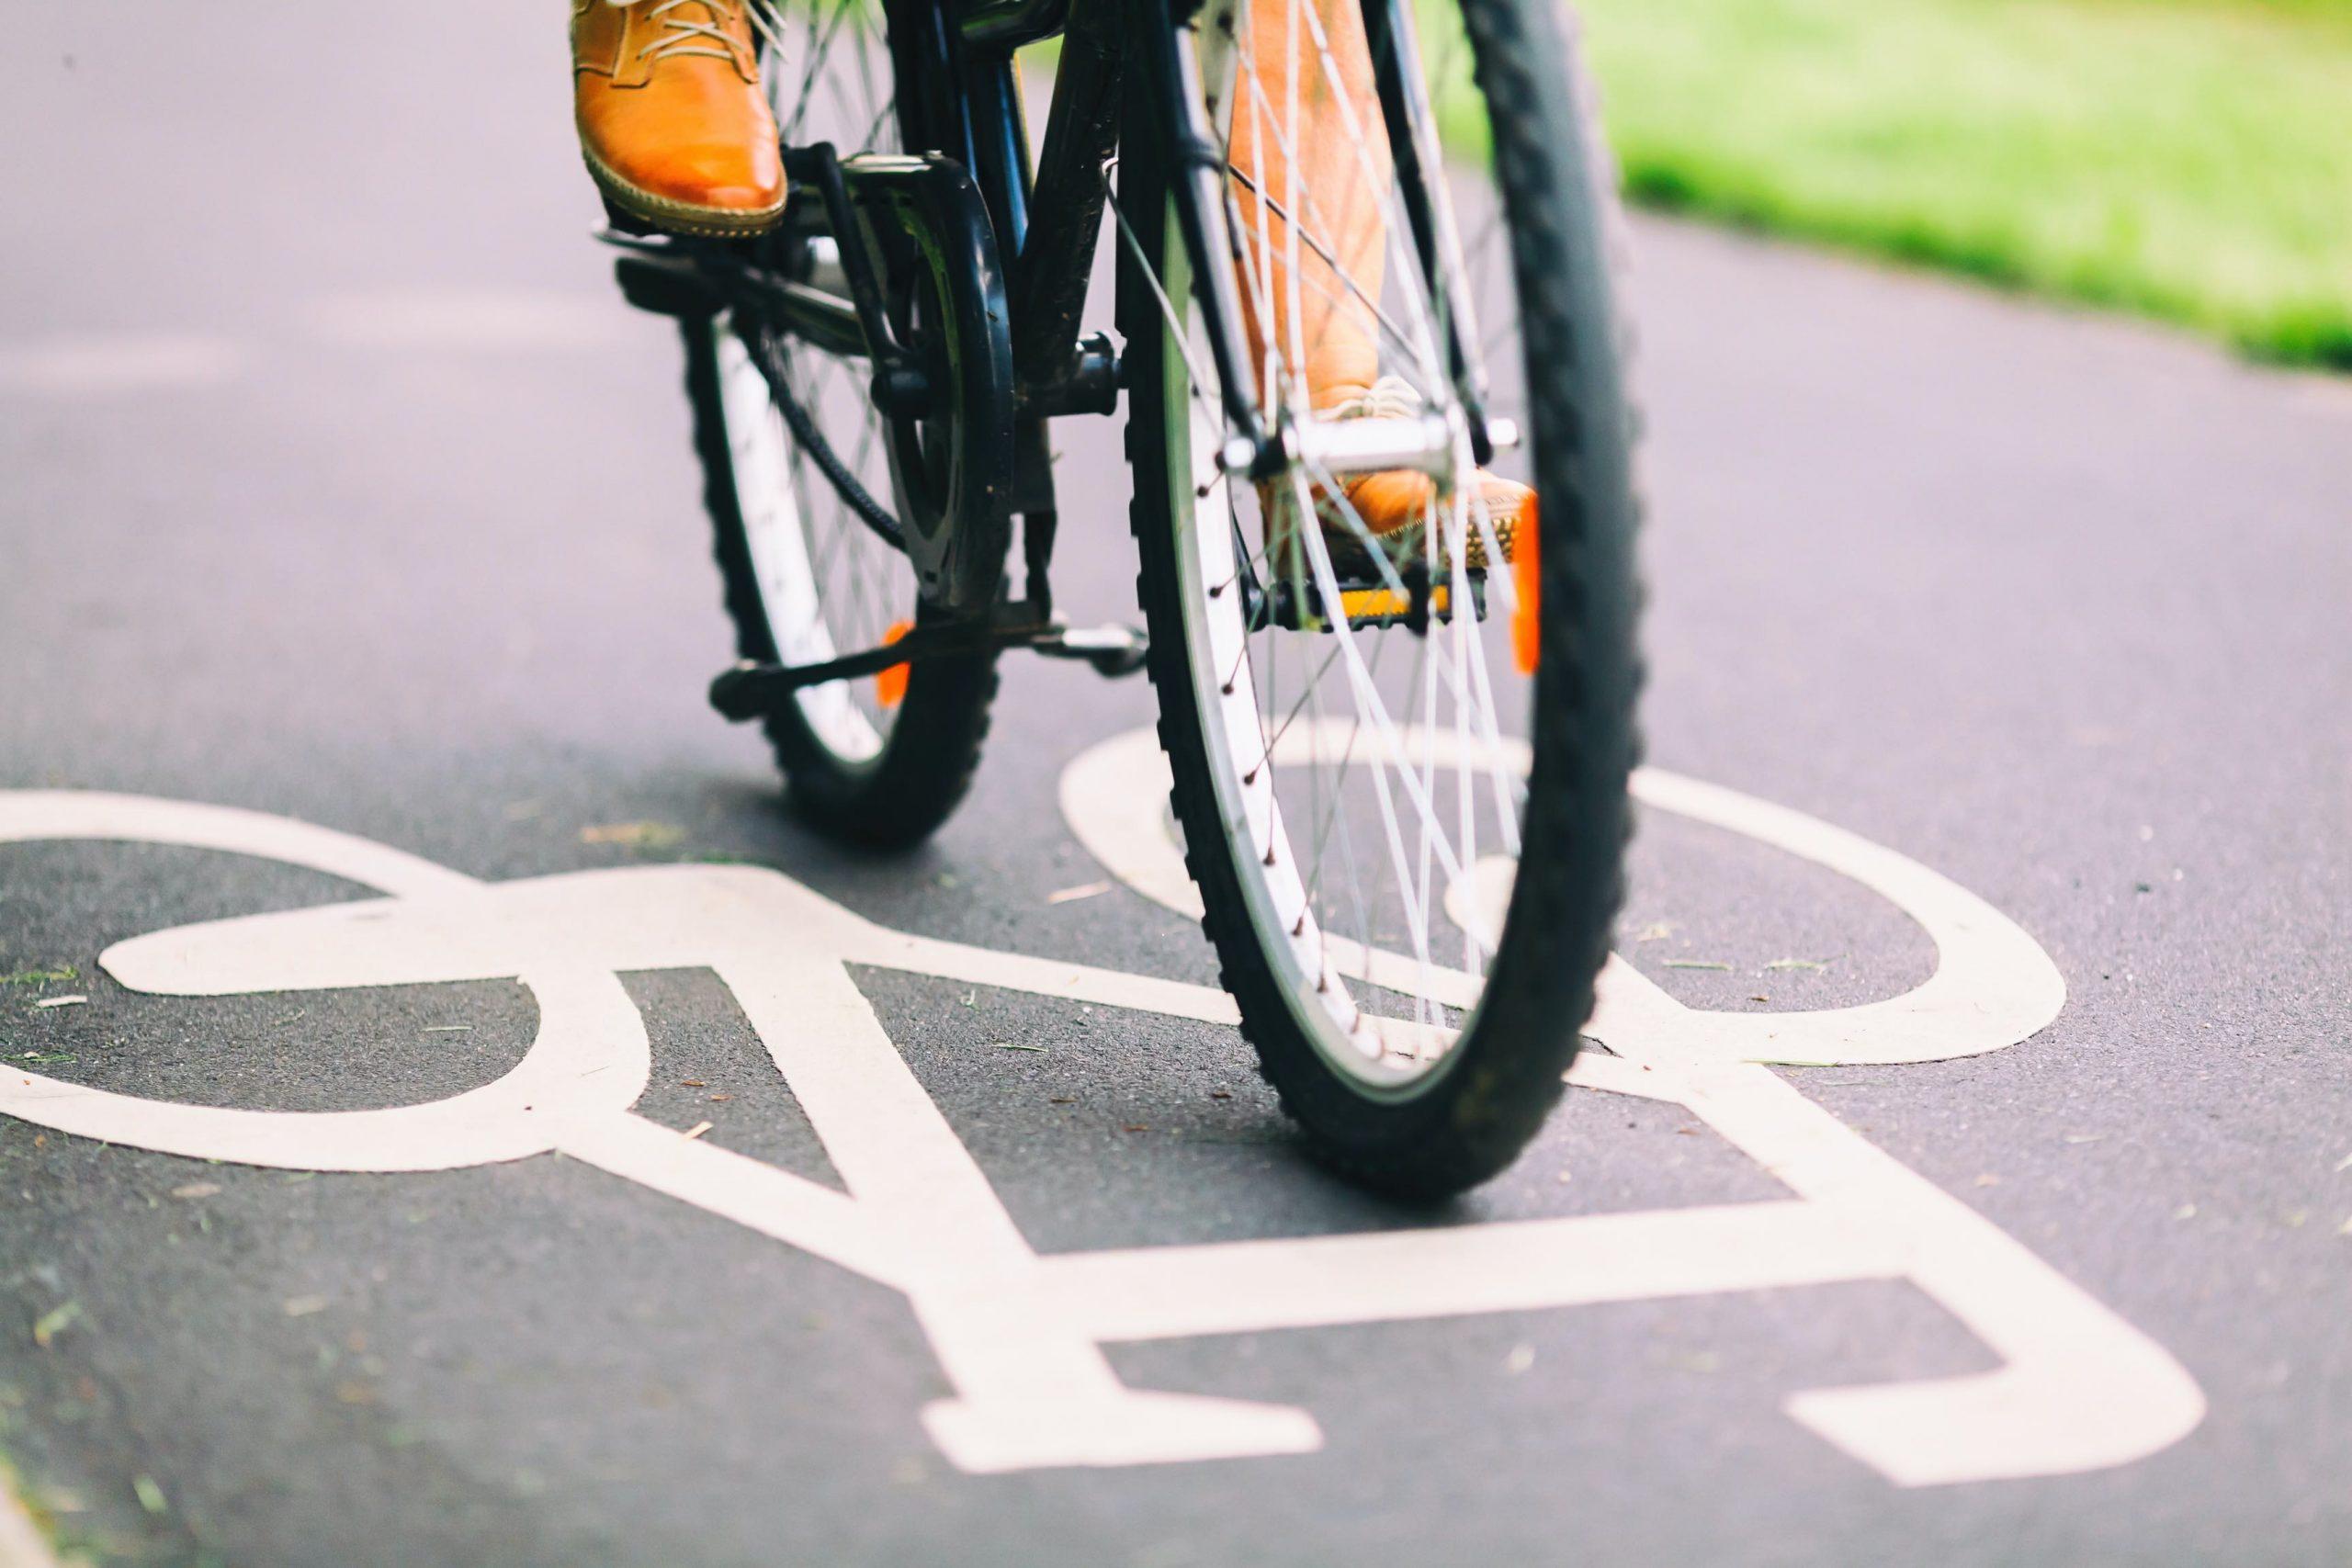 Persona in bici in una pista ciclabile (foto repertorio Shutterstock.com)